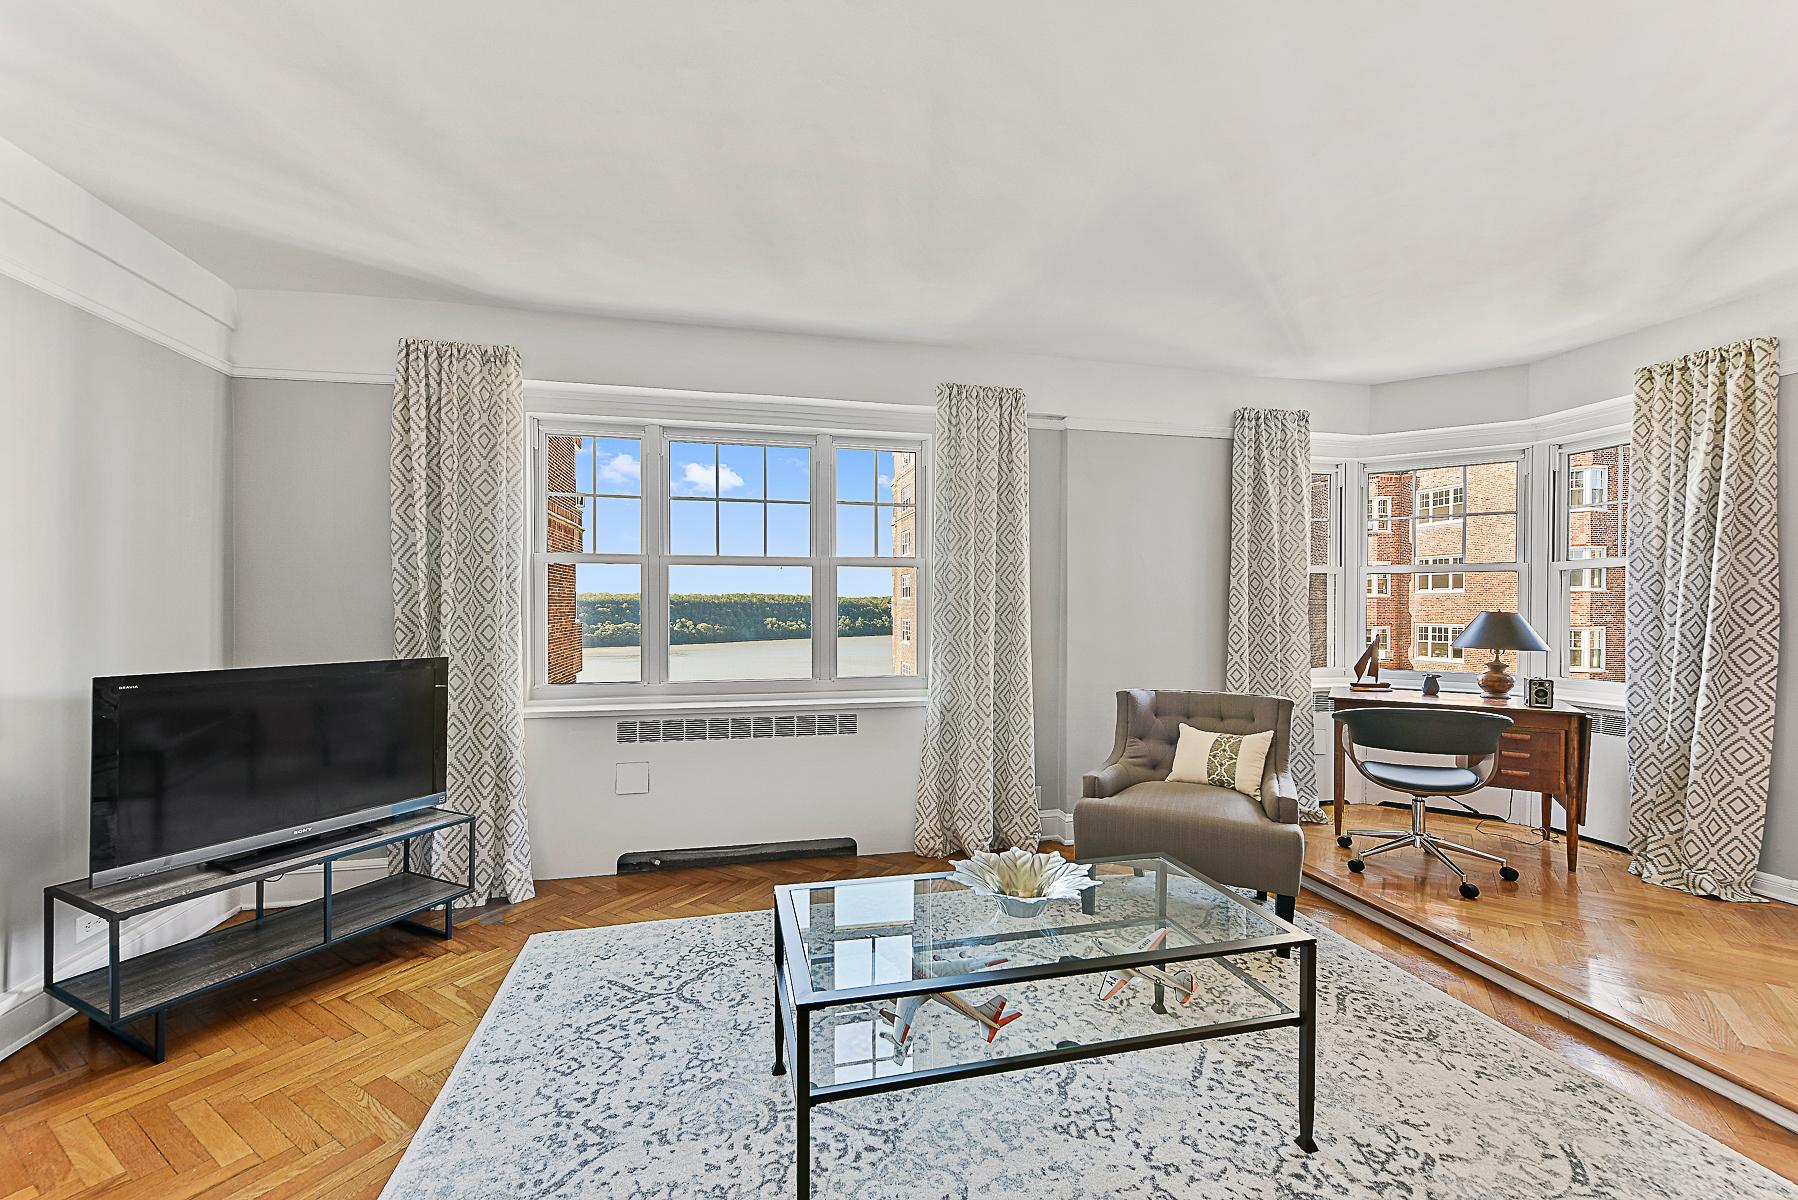 Кооперативная квартира для того Продажа на Castle Village 1 BR with Hudson River Views 120 Cabrini Boulevard 107 New York, Нью-Йорк, 10033 Соединенные Штаты